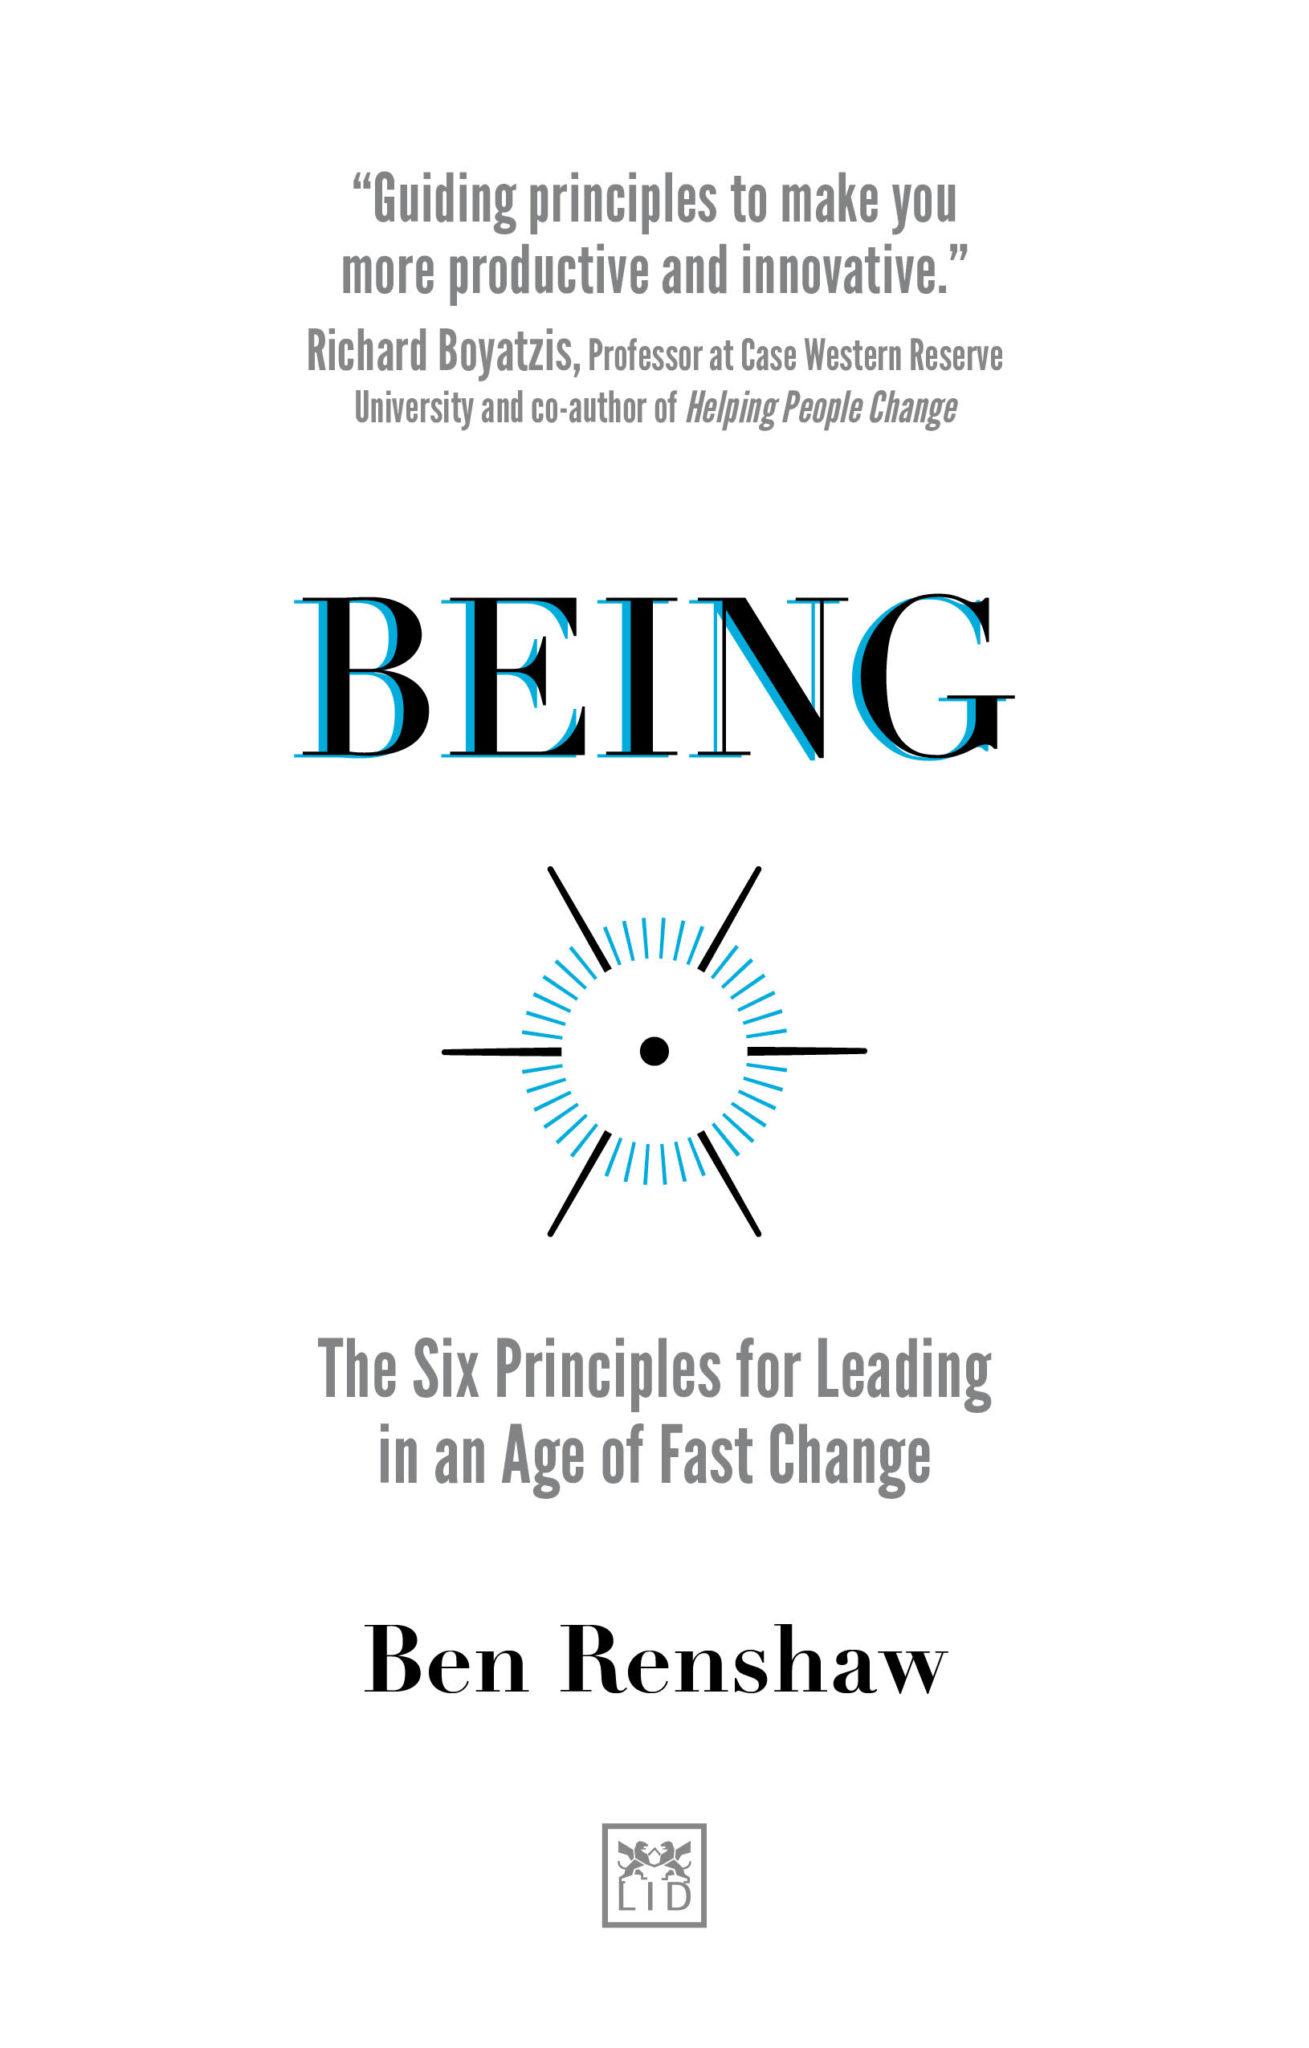 Ben Renshaw Book 'Being'